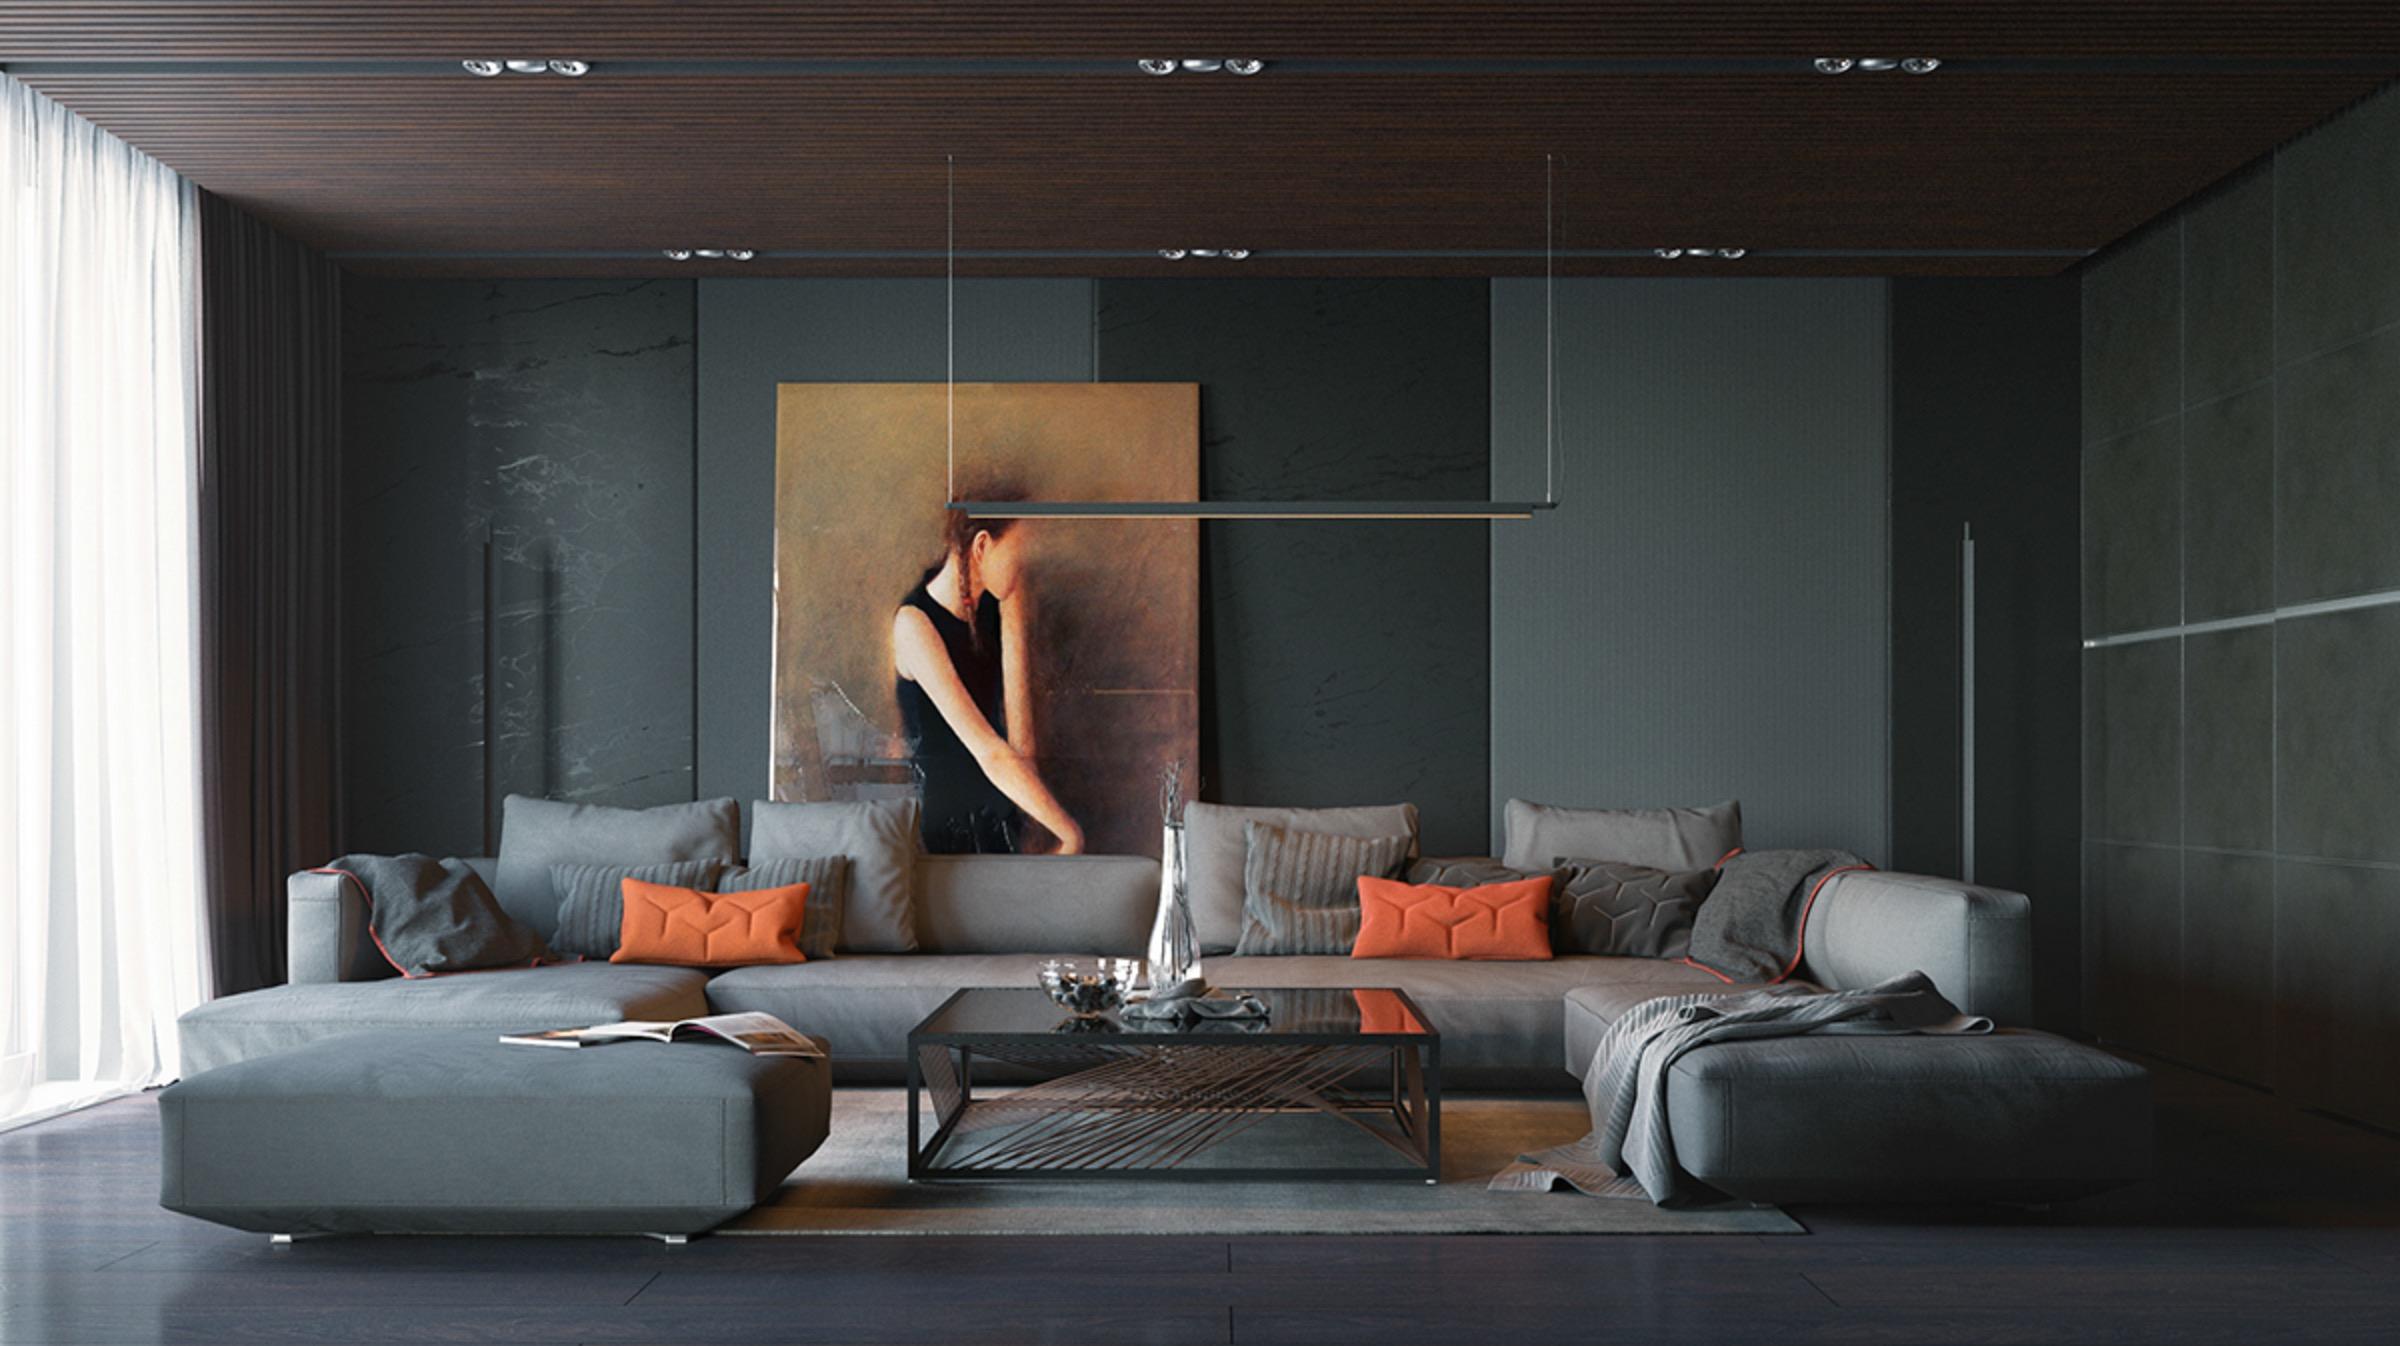 orange-and-black-interior-artwork-ideas (1)